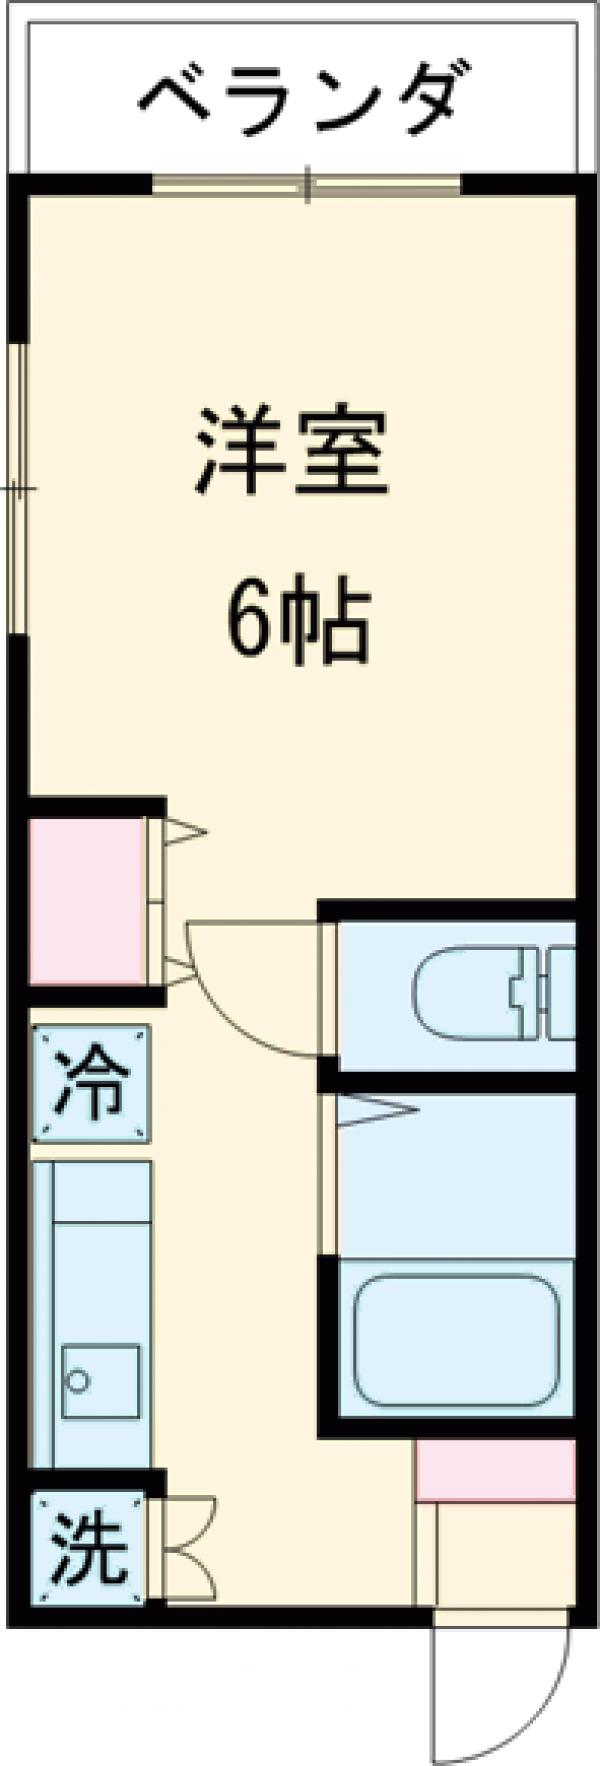 メゾンライオネス加藤・202号室の間取り